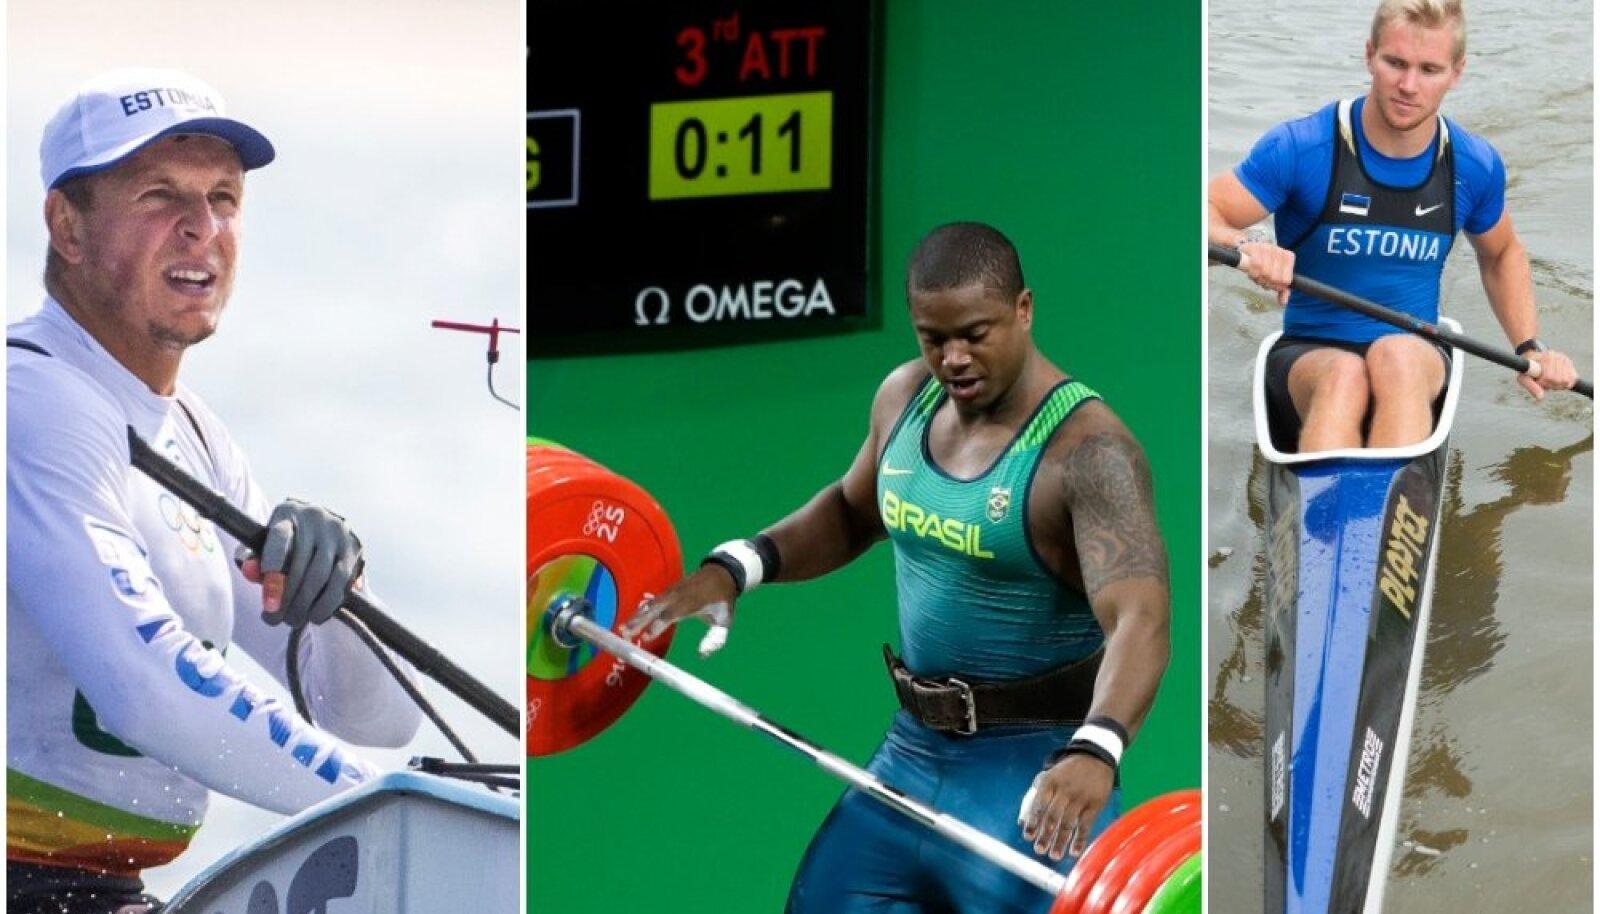 Olümpiaprogrammi muutumine puudutab ka mitut Eesti sportlast.